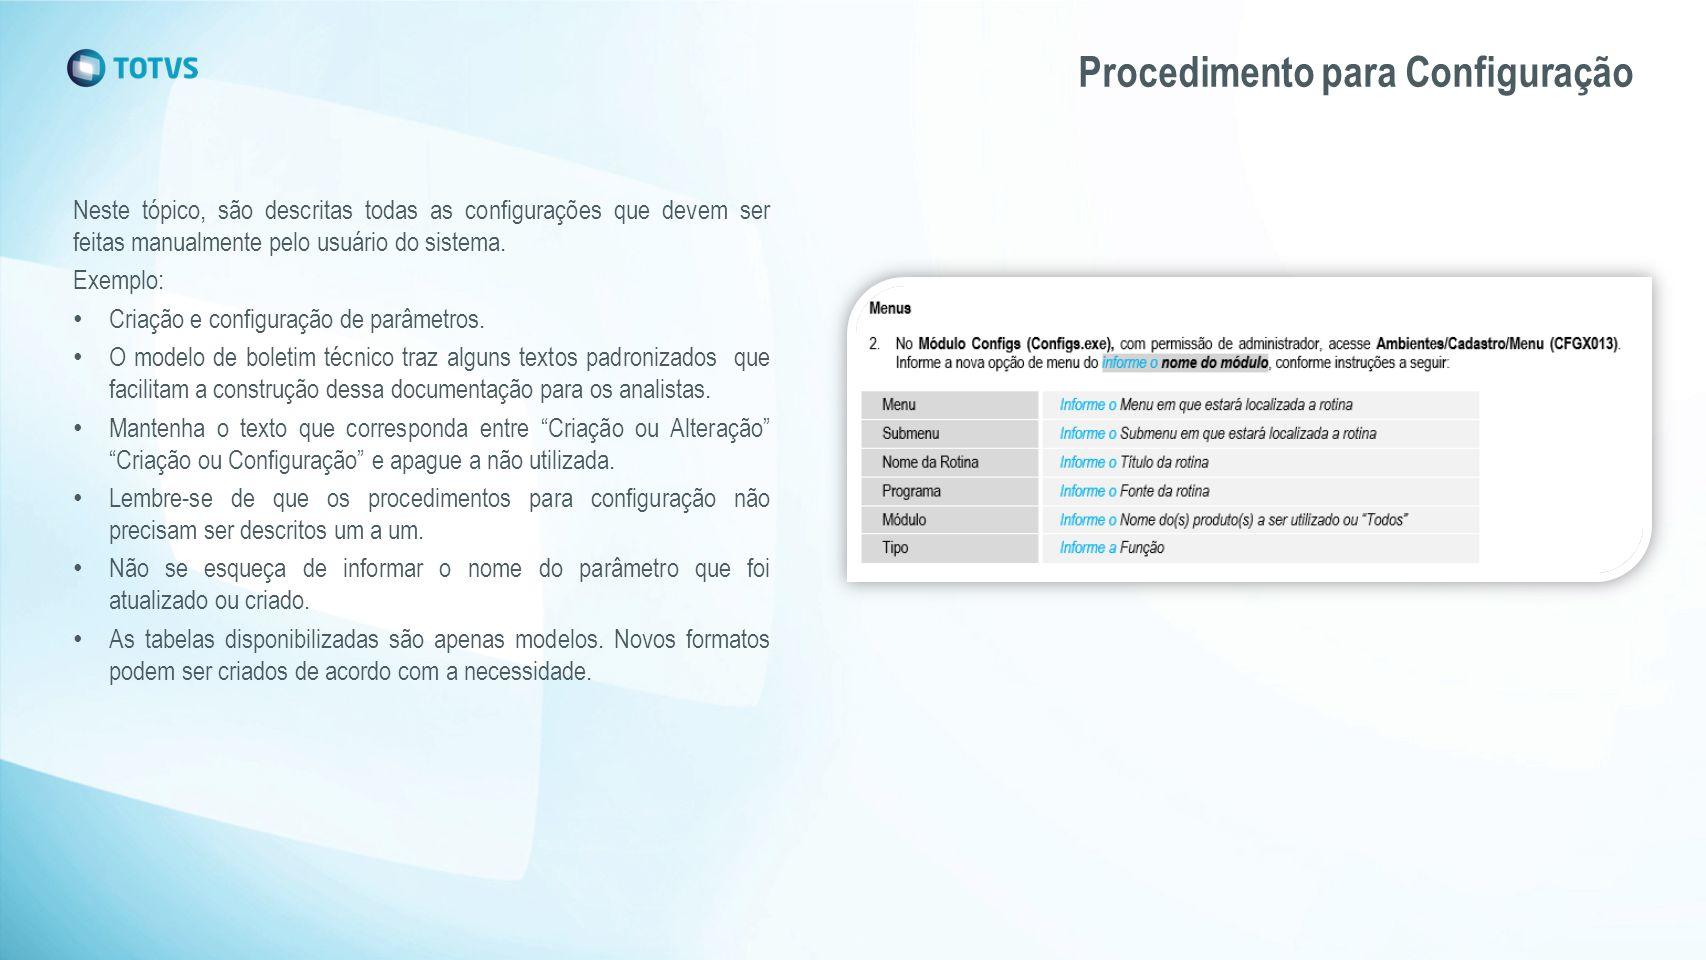 Procedimento para Configuração Neste tópico, são descritas todas as configurações que devem ser feitas manualmente pelo usuário do sistema.